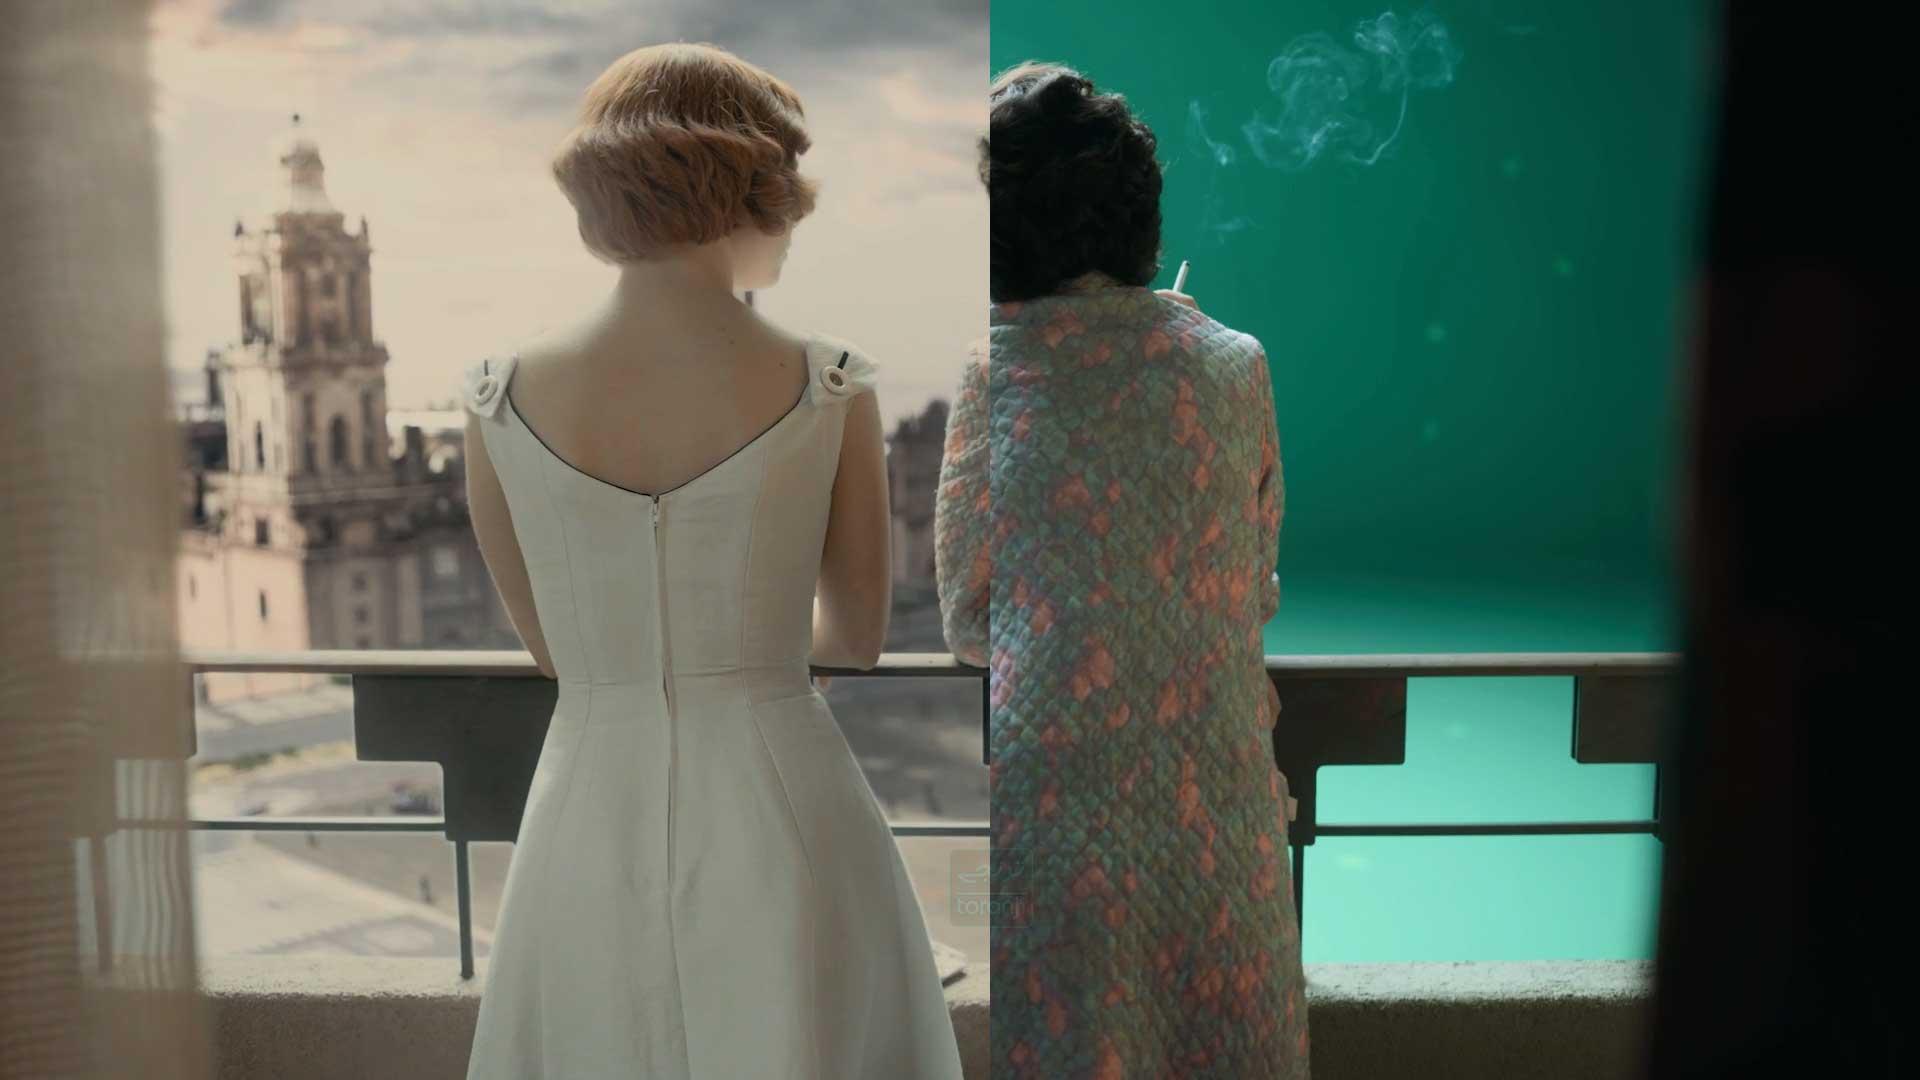 جلوه های ویژه سریال The Queen's Gambit را تماشا کنید: ملکه شطرنج، پادشاه CGI